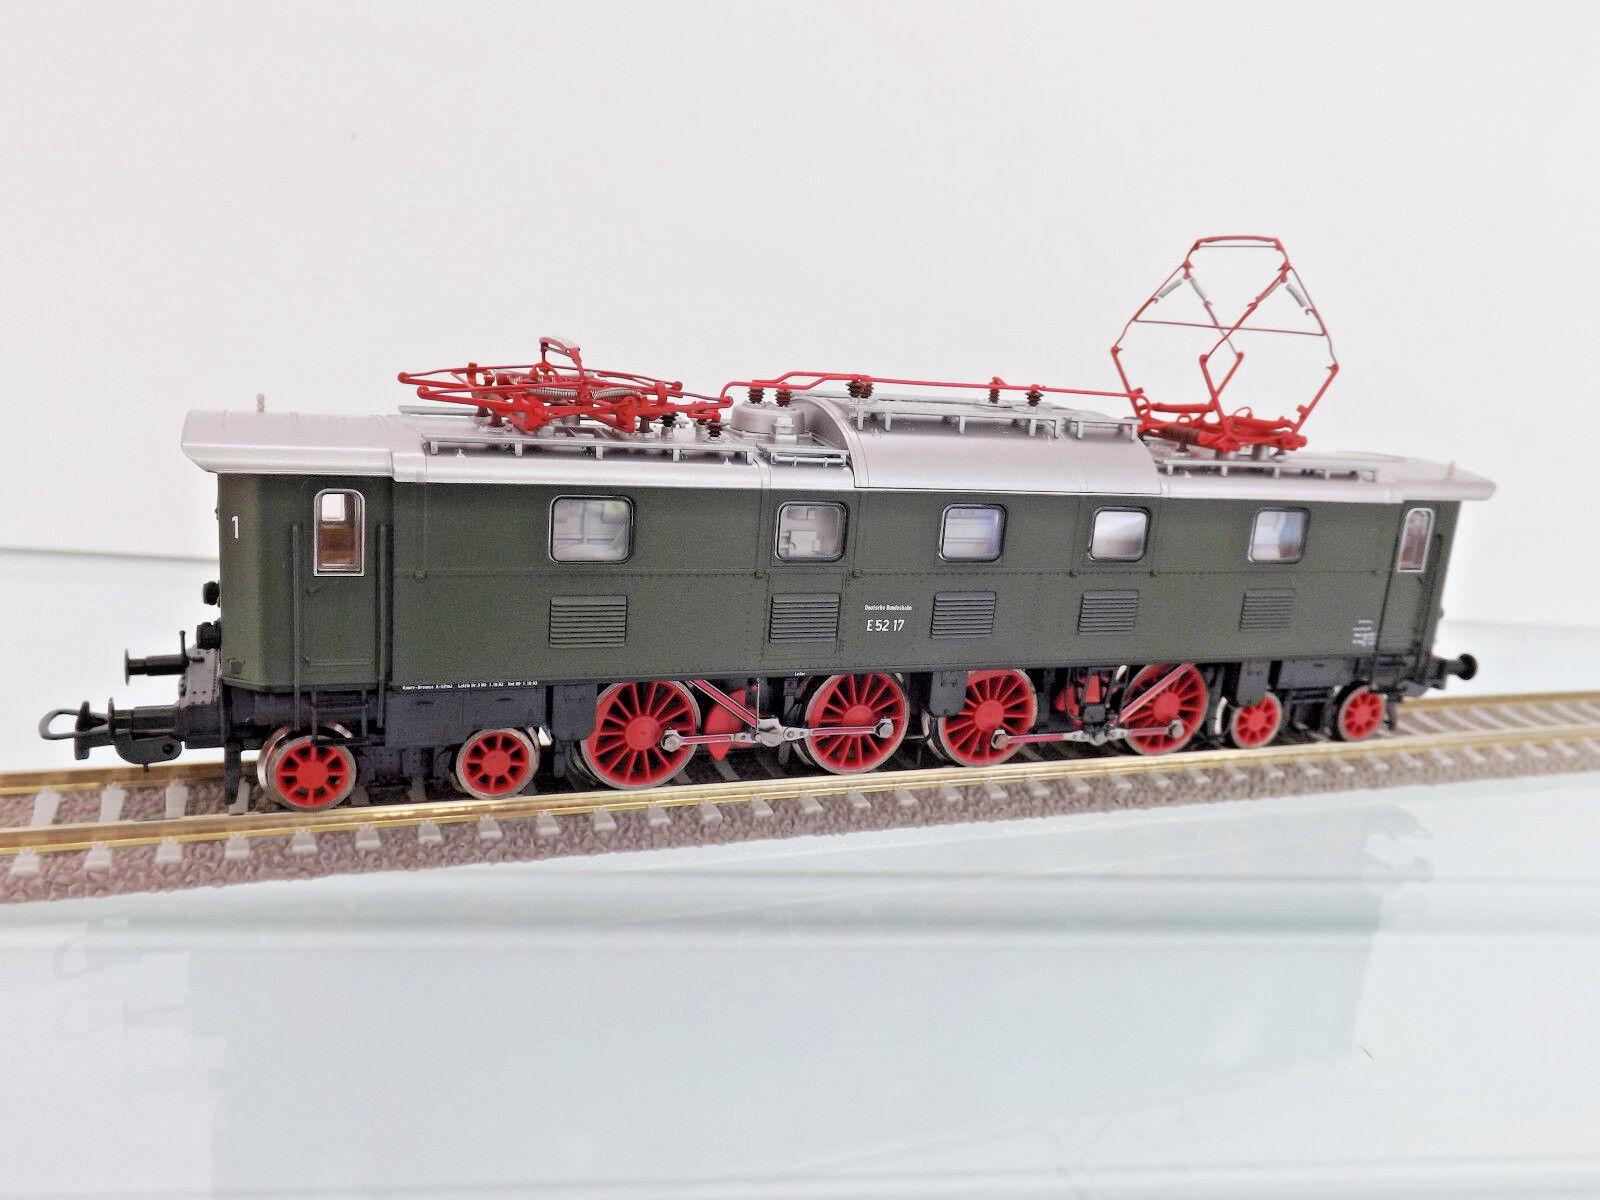 Piko 51824 - Escala H0 - Locomotora Eléctrica E 52 17 de DB,Ep. III - Nuevo en